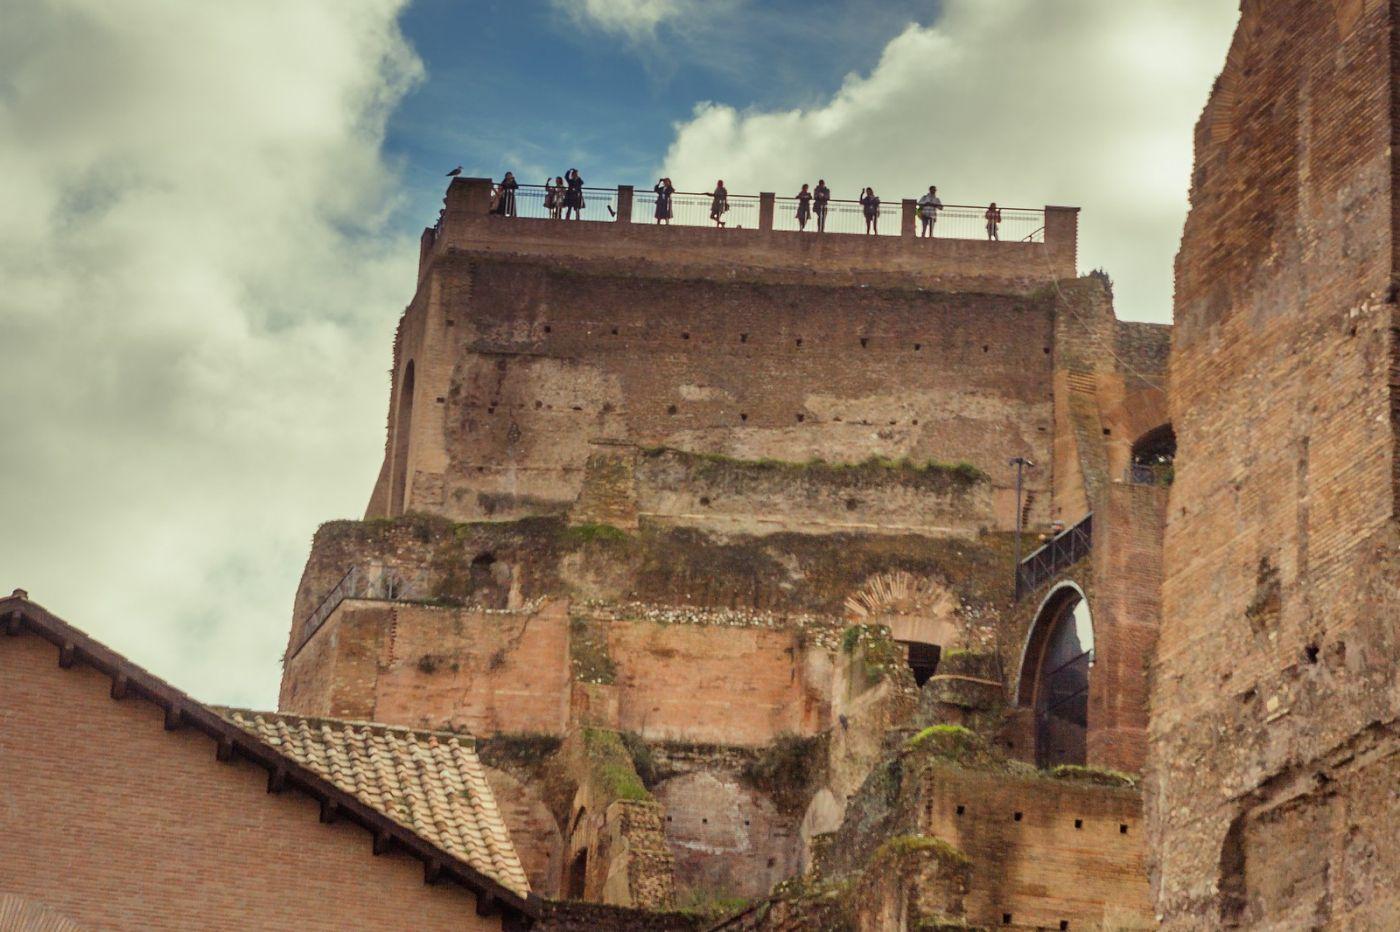 意大利罗马论坛,二千年的历史_图1-25